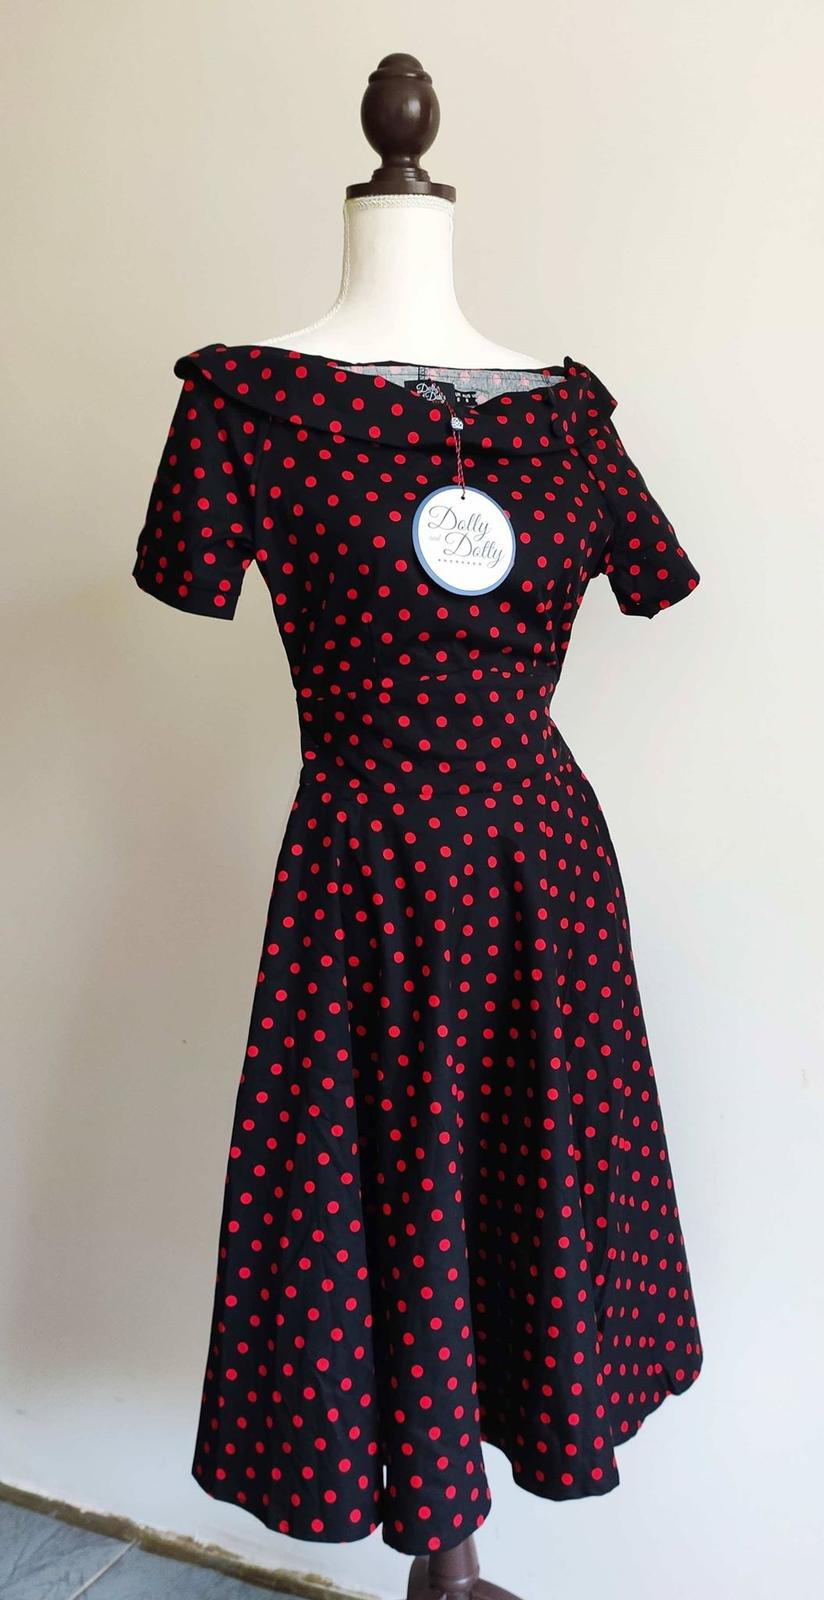 Retro pin-up puntíkaté šaty Dolly and Dotty vel XS (UK8) - Obrázek č. 1